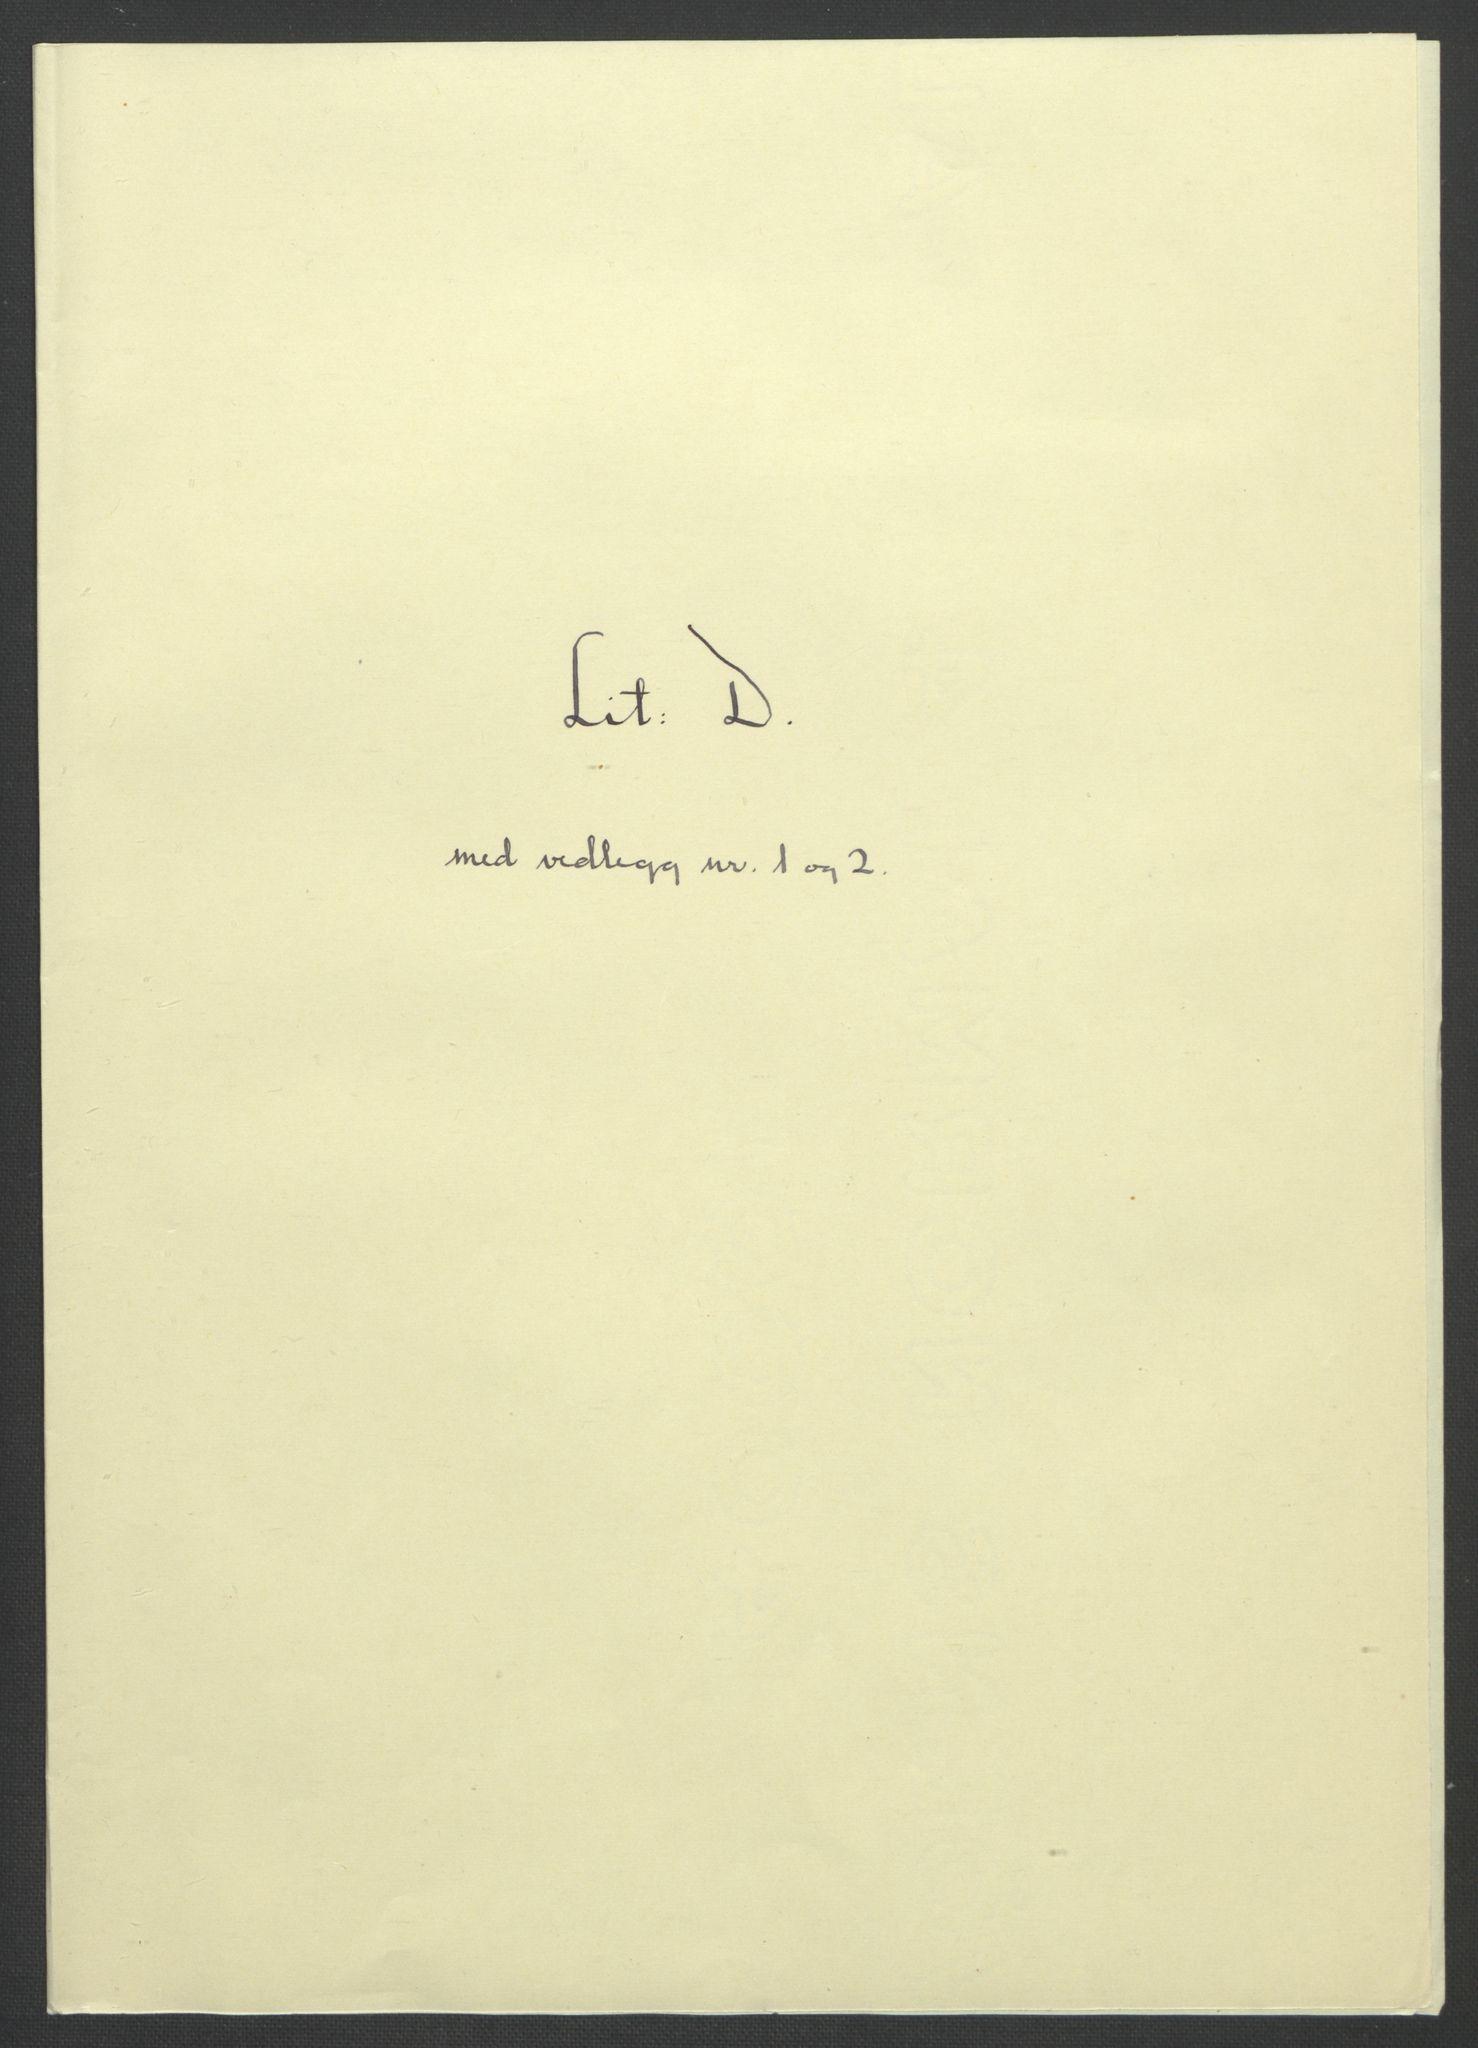 RA, Rentekammeret inntil 1814, Reviderte regnskaper, Fogderegnskap, R53/L3420: Fogderegnskap Sunn- og Nordfjord, 1691-1692, s. 365